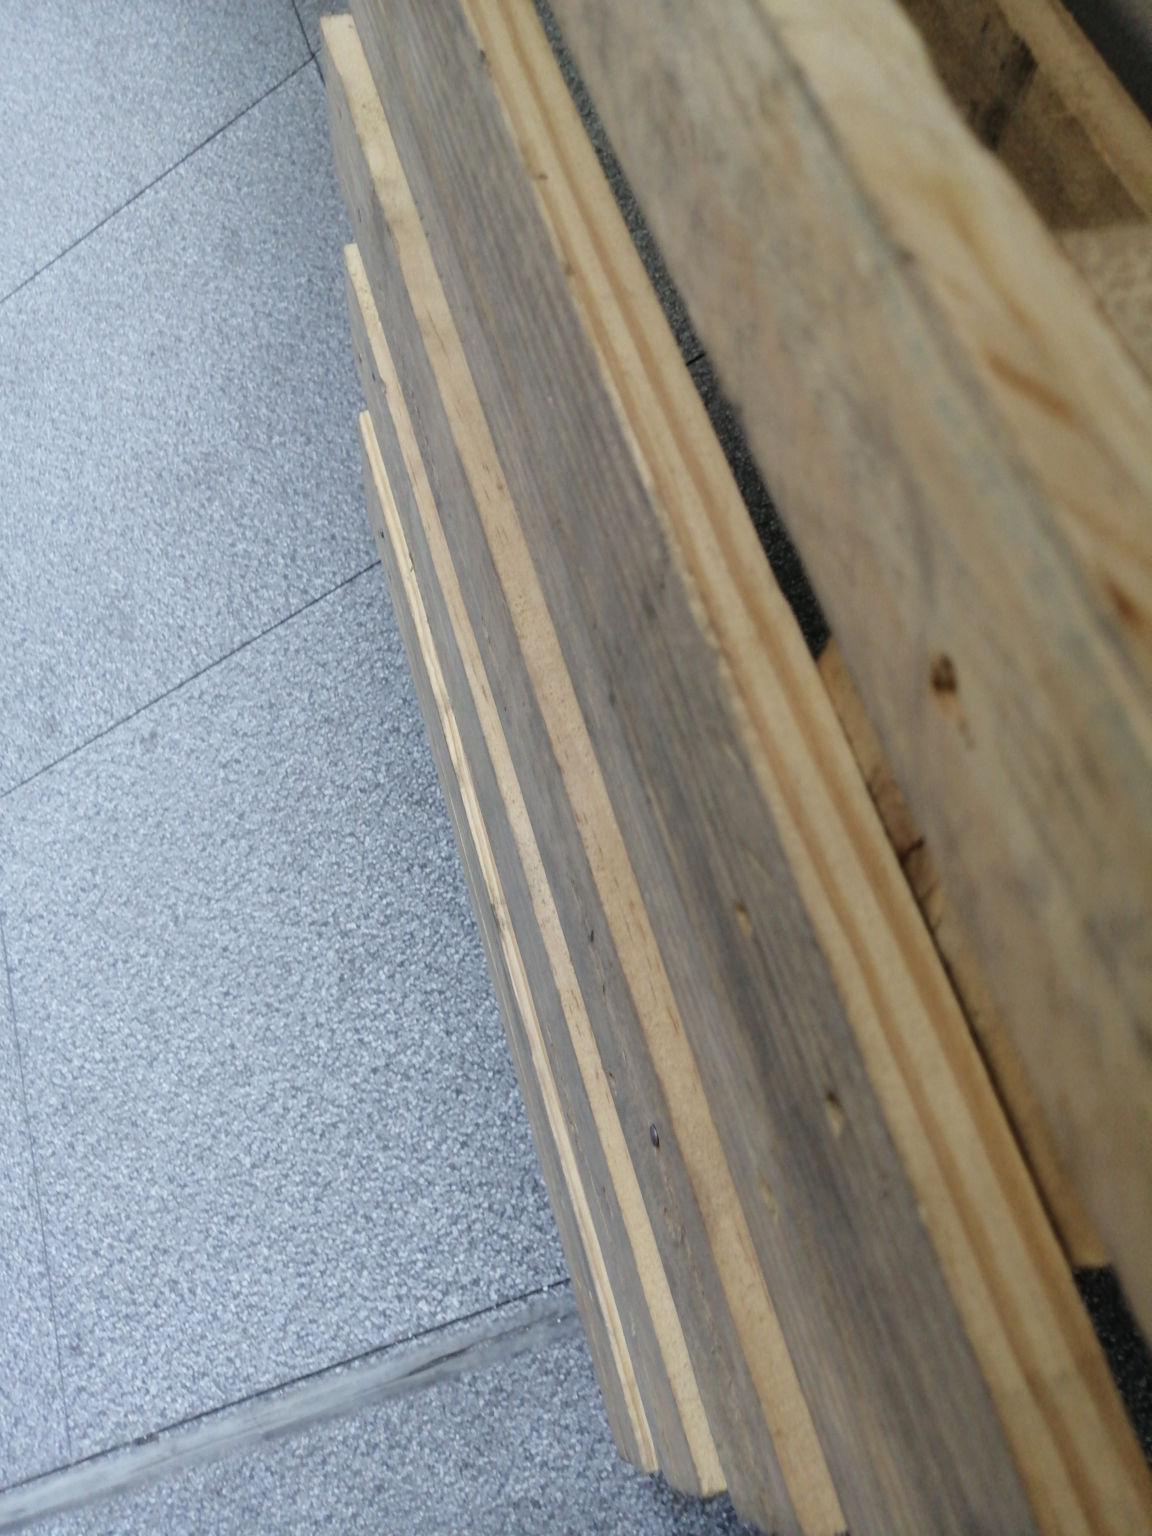 杭州专门方形木托盘什么价位,㊉ⓛⓢ,れ♬杭州专门方形木托盘什